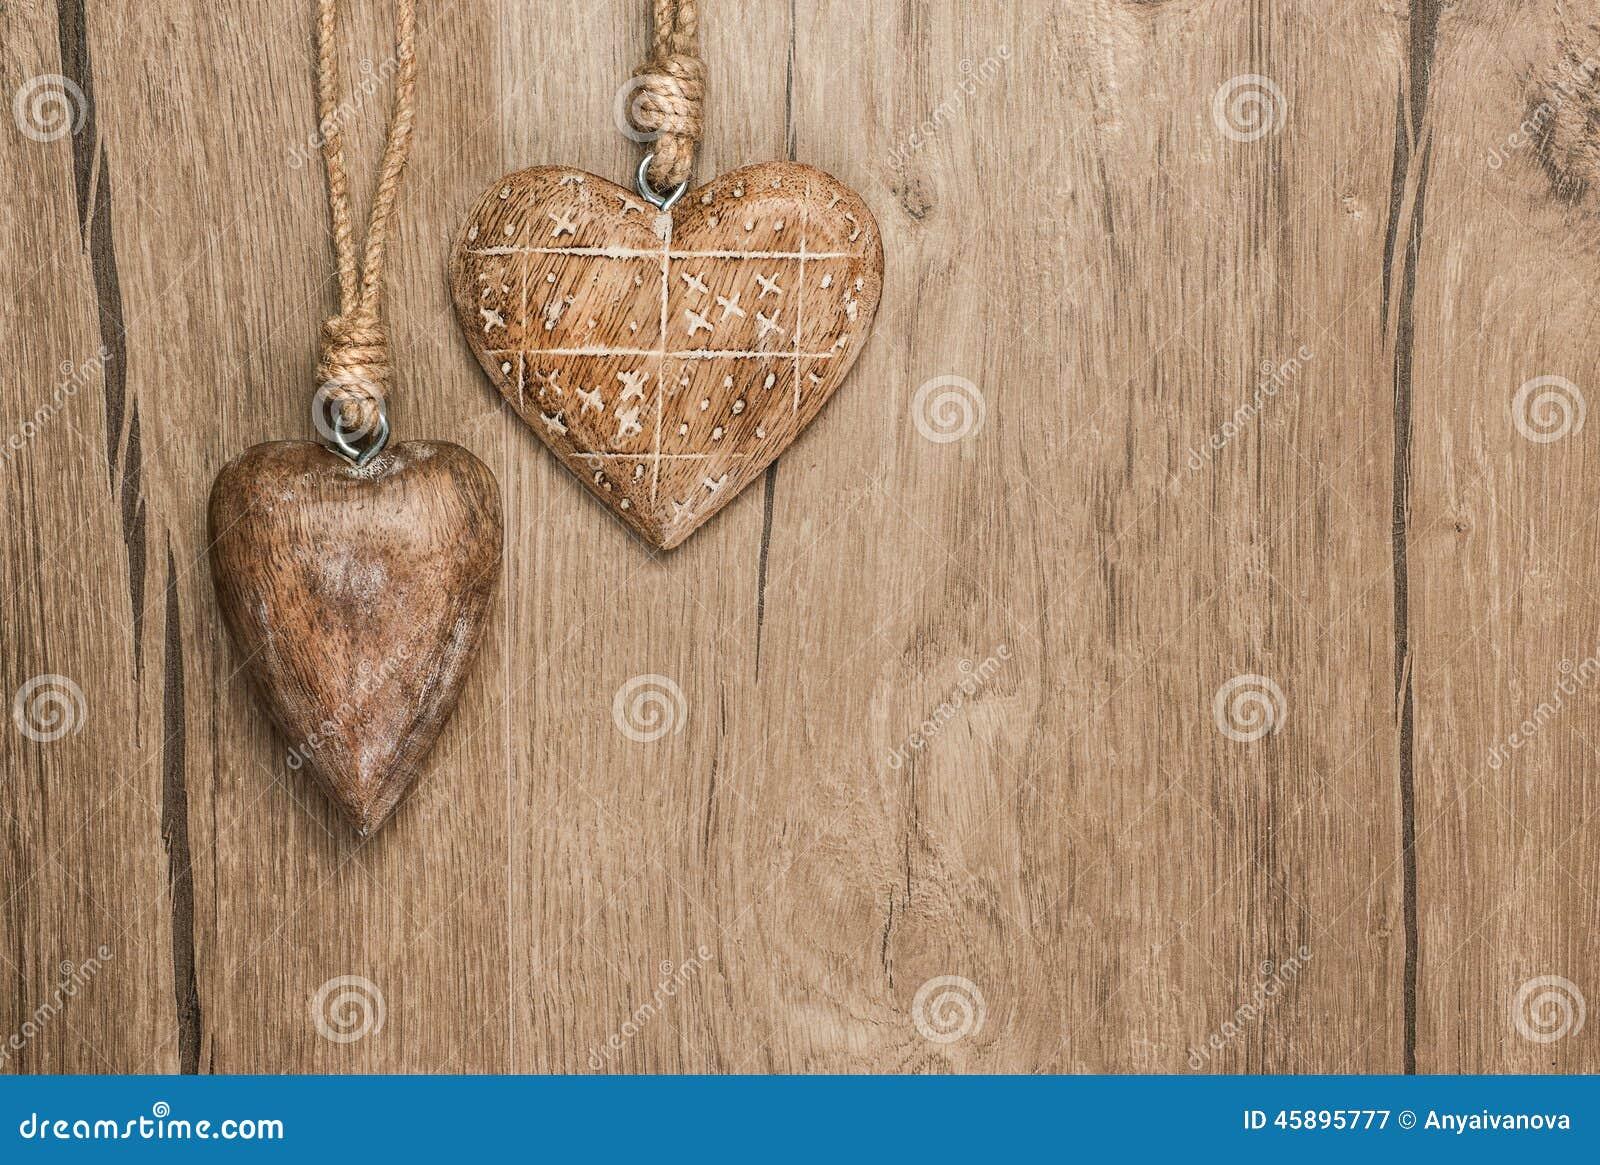 Decorazioni su legno idea d 39 immagine di decorazione - Decorazioni in legno ...